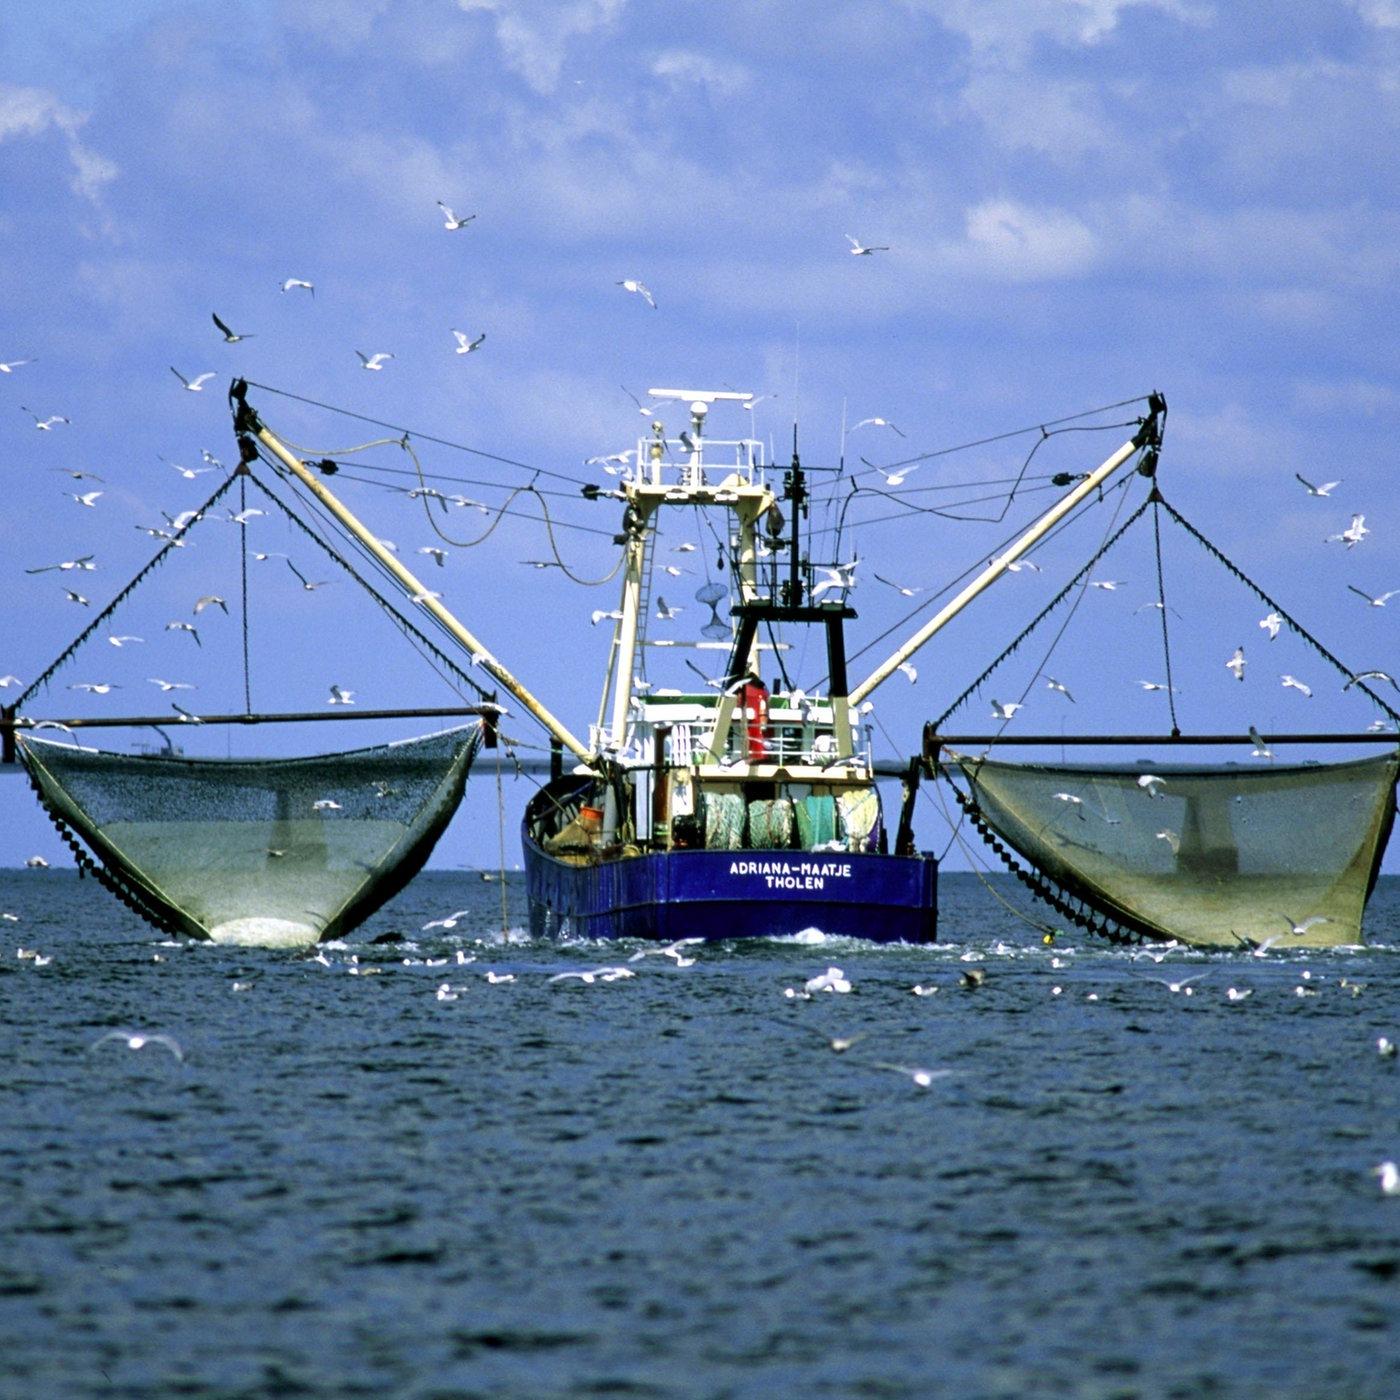 Meer überfischung überfischung Der Meere Meer Natur Planet